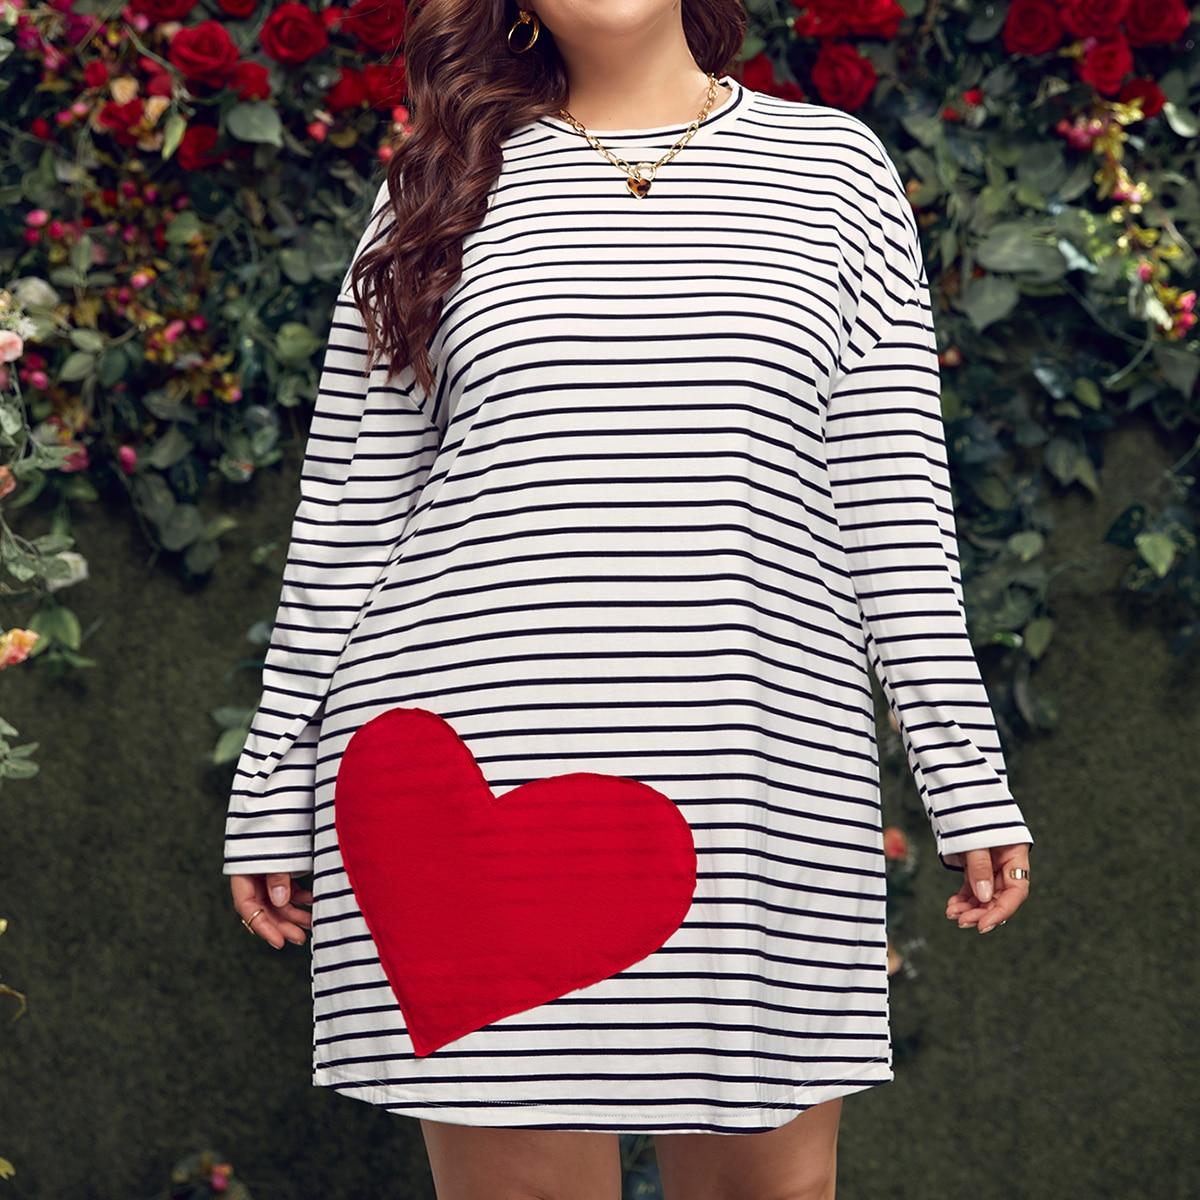 Платье-футболка размера плюс с принтом сердечка в полоску